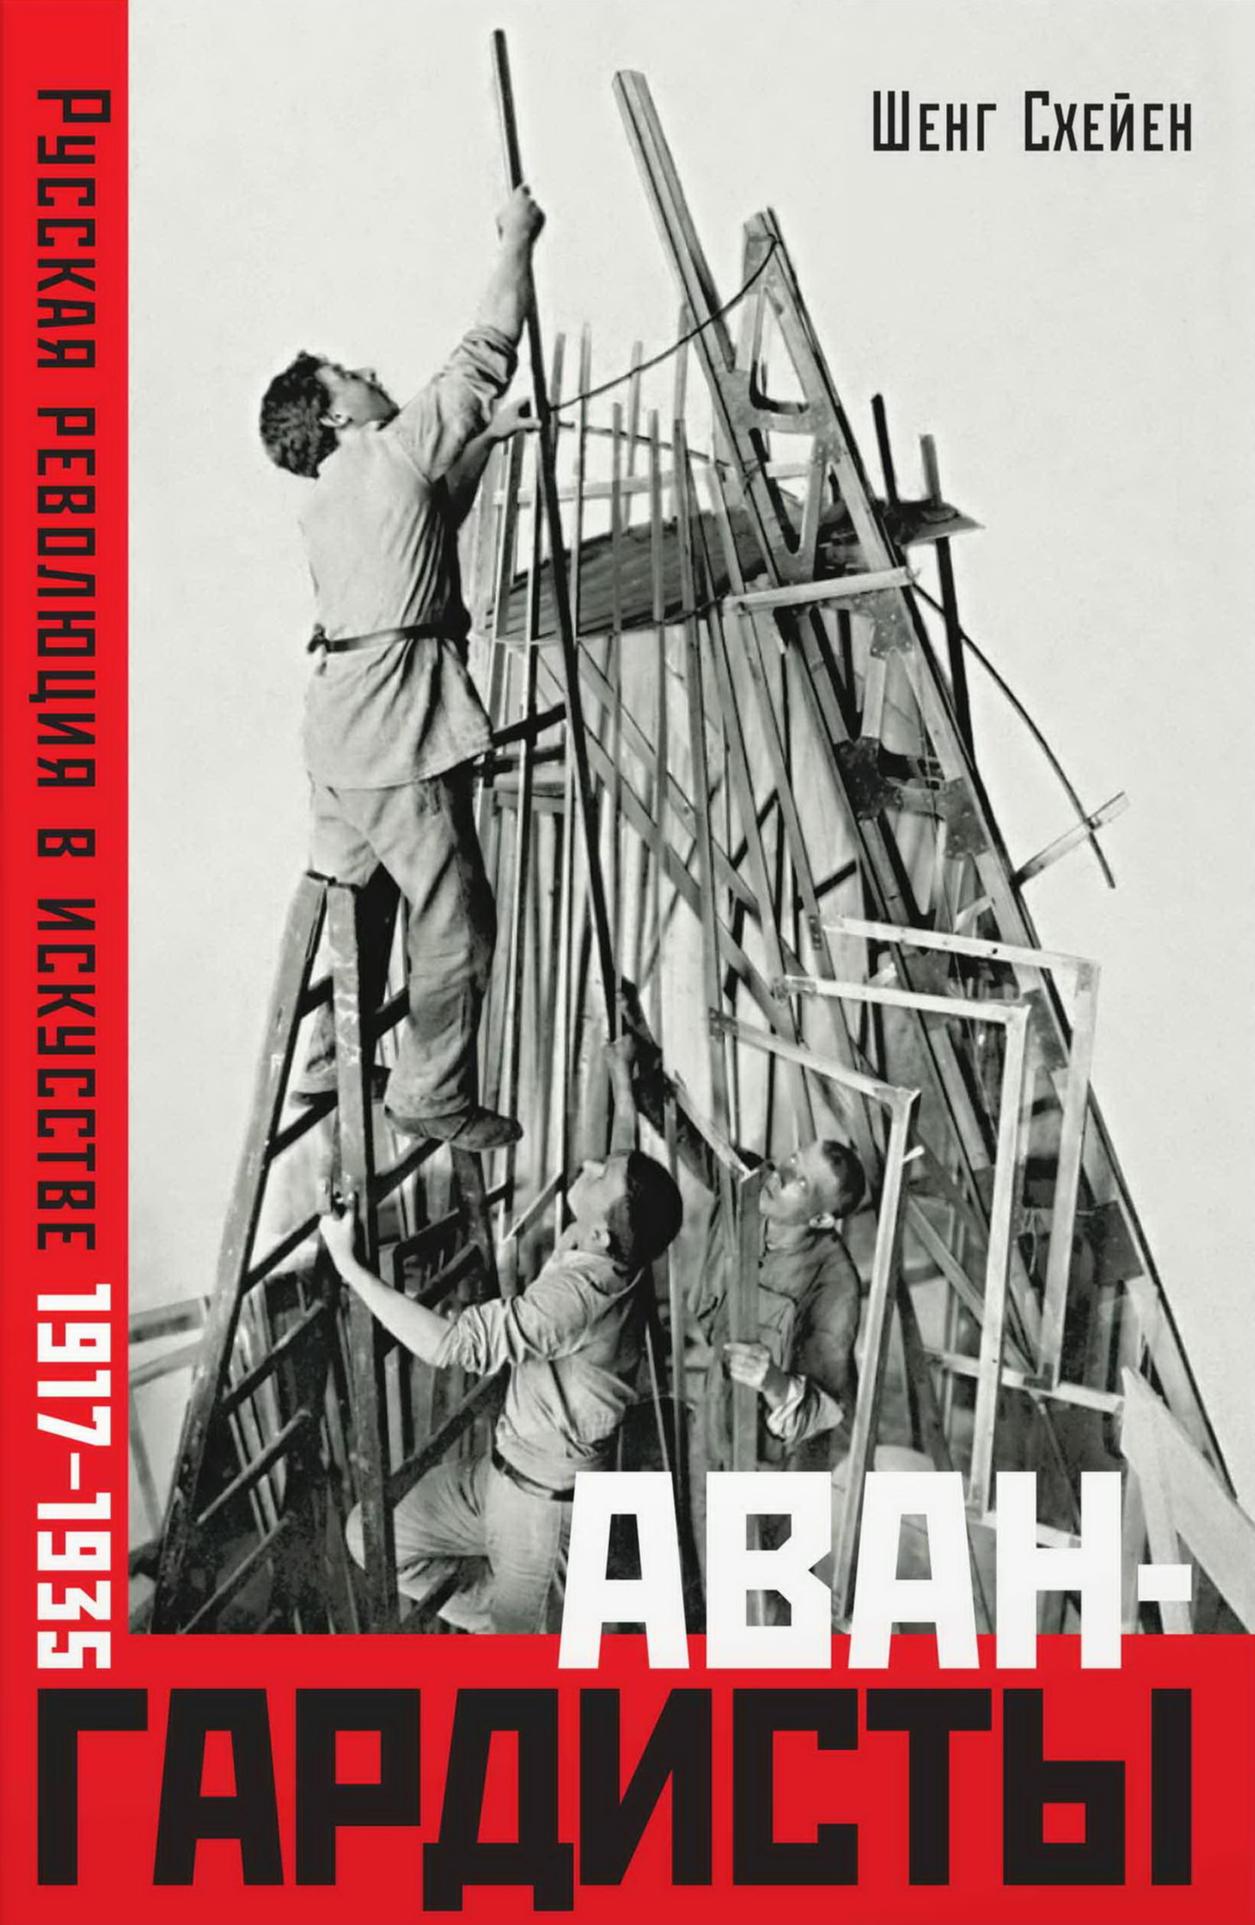 «Авангардисты. Русская революция в искусстве. 1917-1935» Шенг Схейен